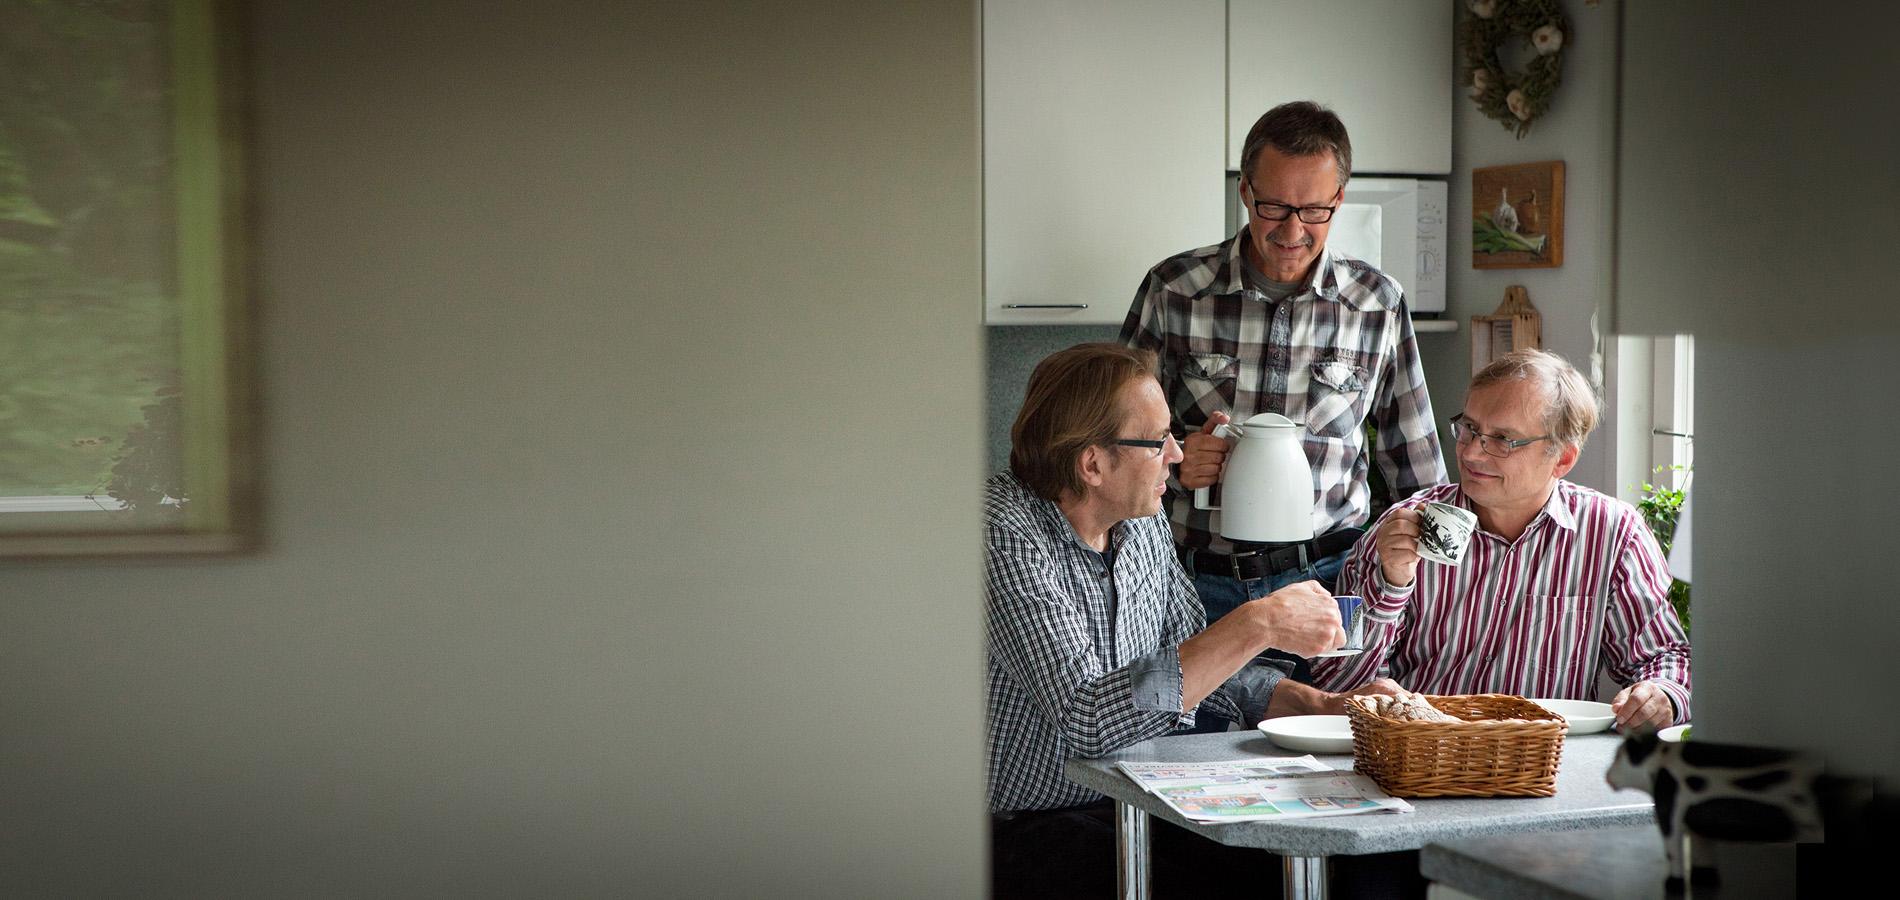 Kolme miestä keskustelee keskenään kahvia juodessaan.